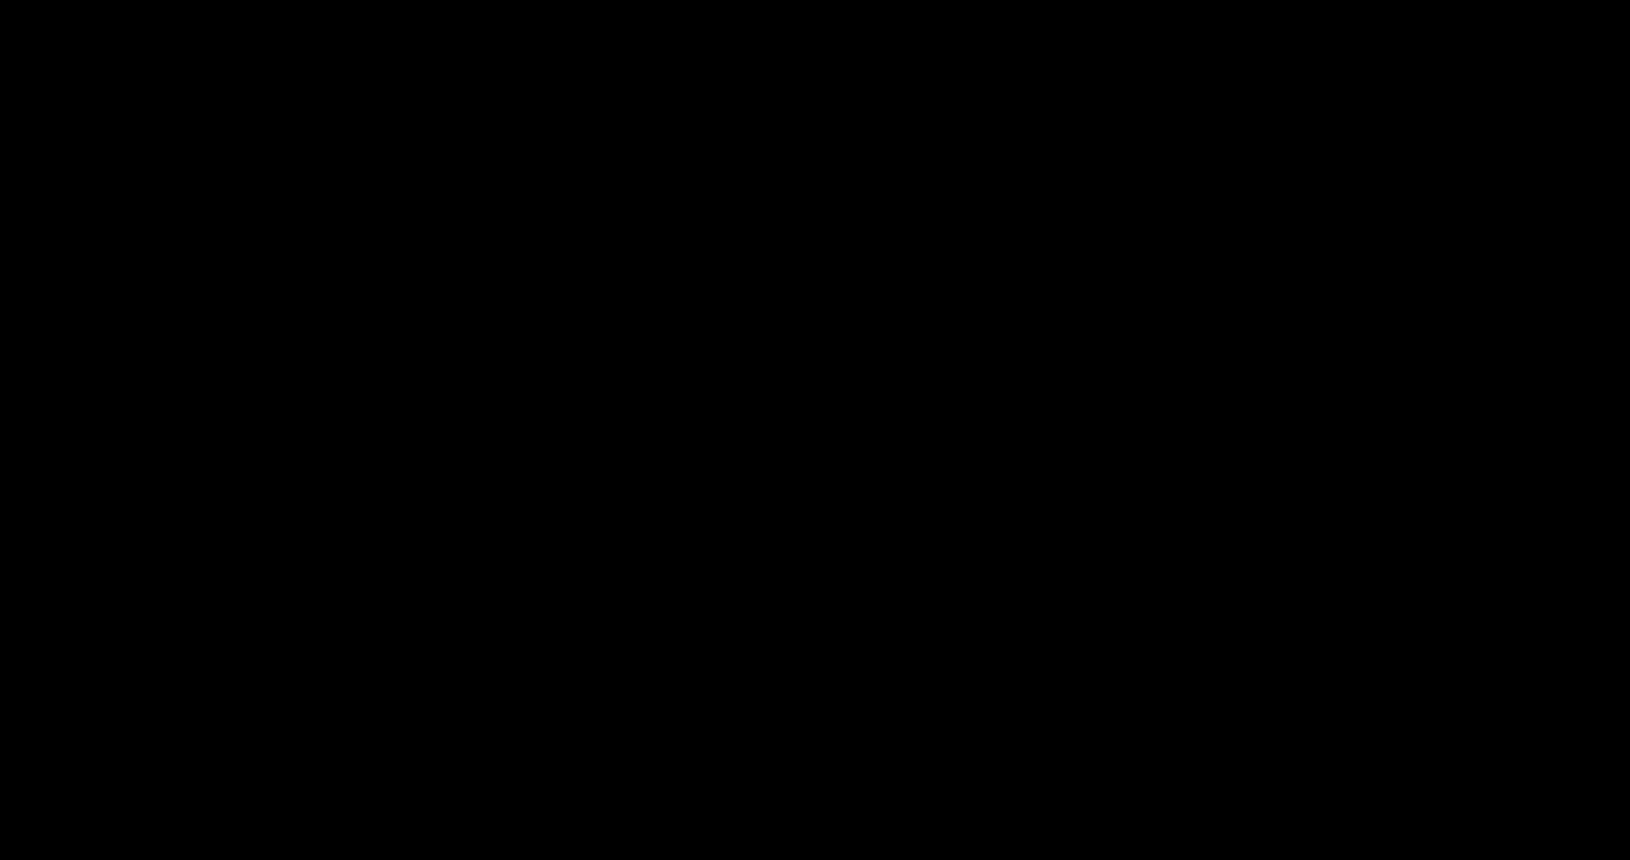 20200924-首頁-代理品牌-07-Selle-Italia